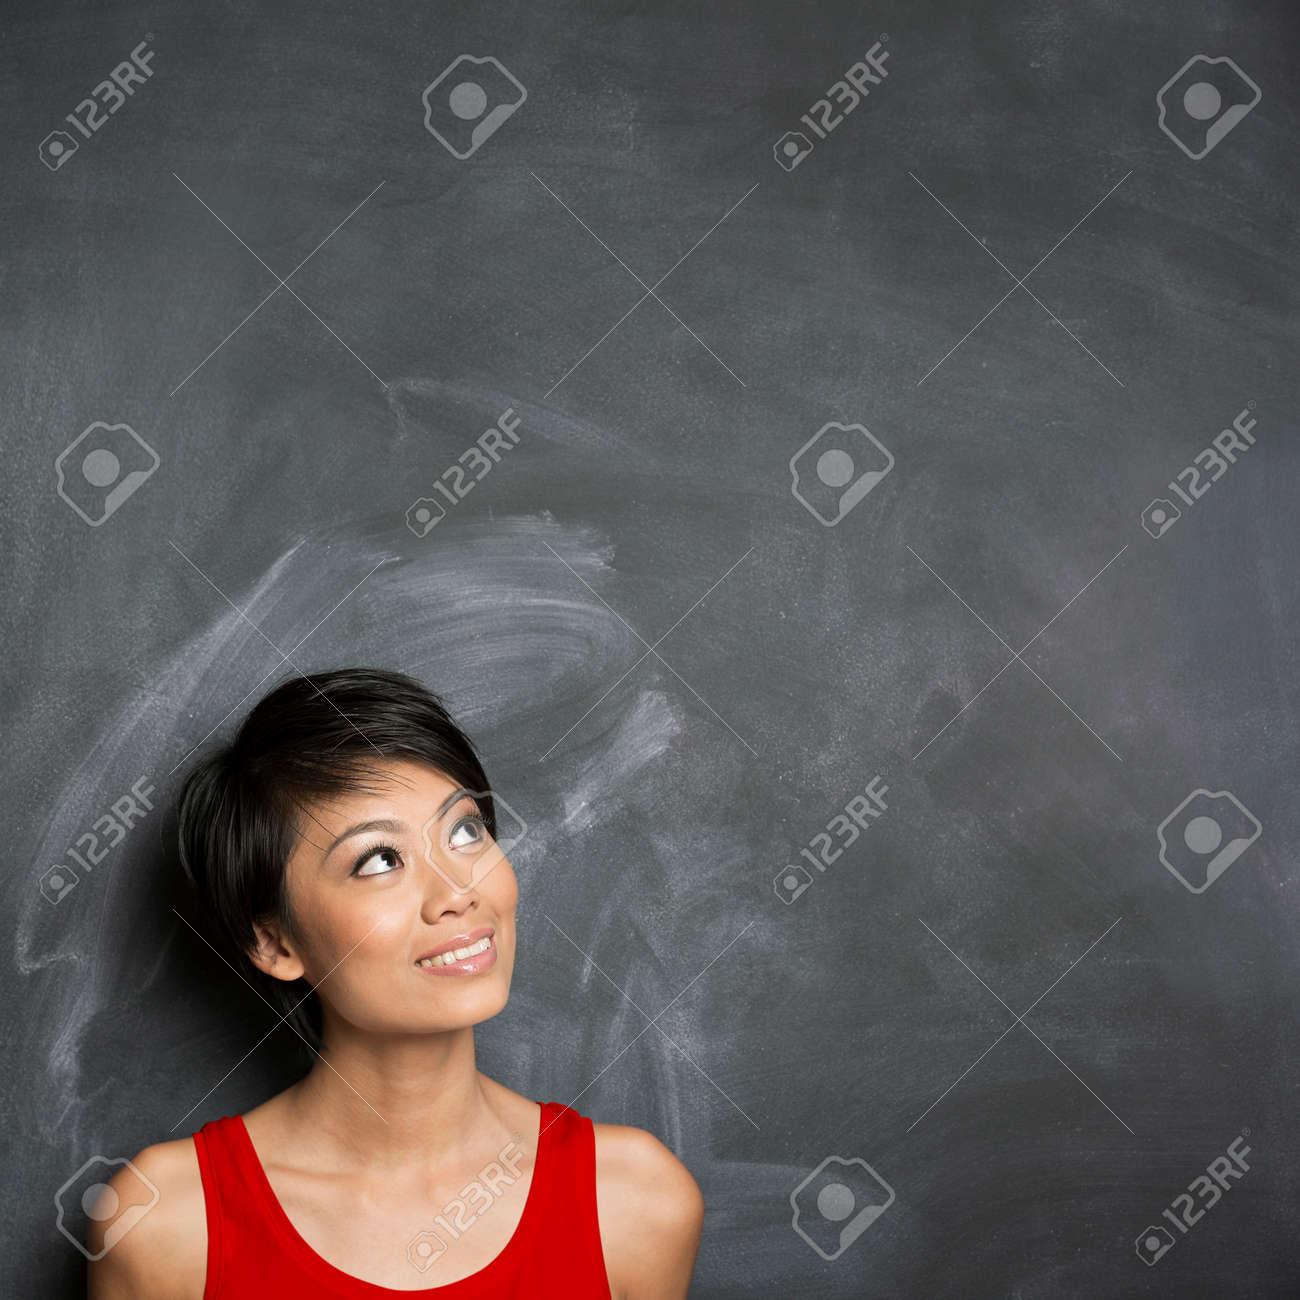 Bonne femme chinoise debout devant un tableau noir. Le conseil de la craie est en attente blanc pour un message. Banque d'images - 29578908